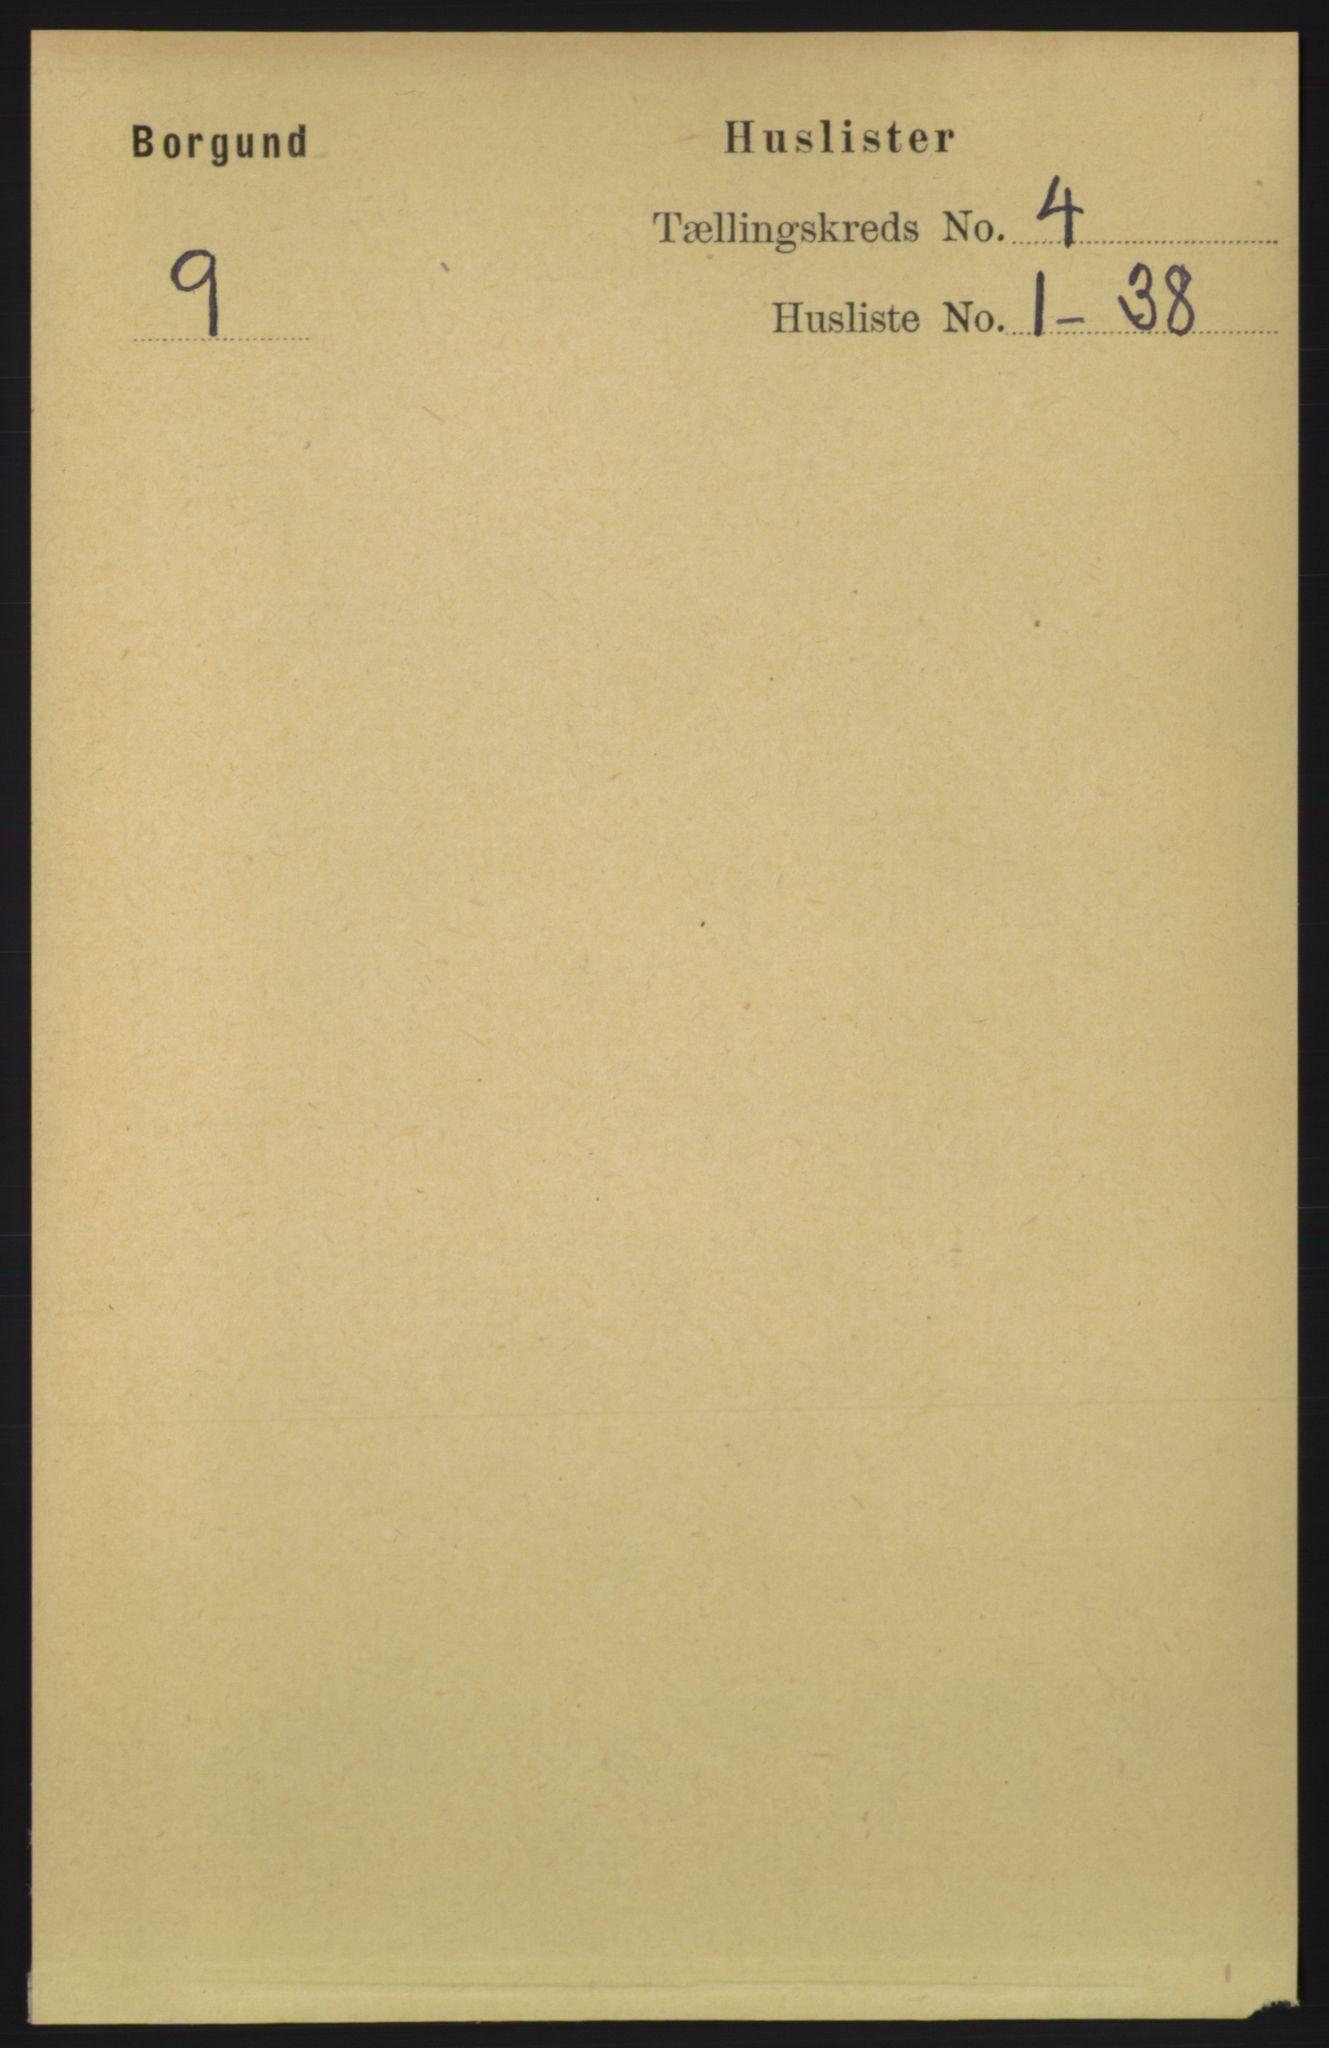 RA, Folketelling 1891 for 1531 Borgund herred, 1891, s. 959